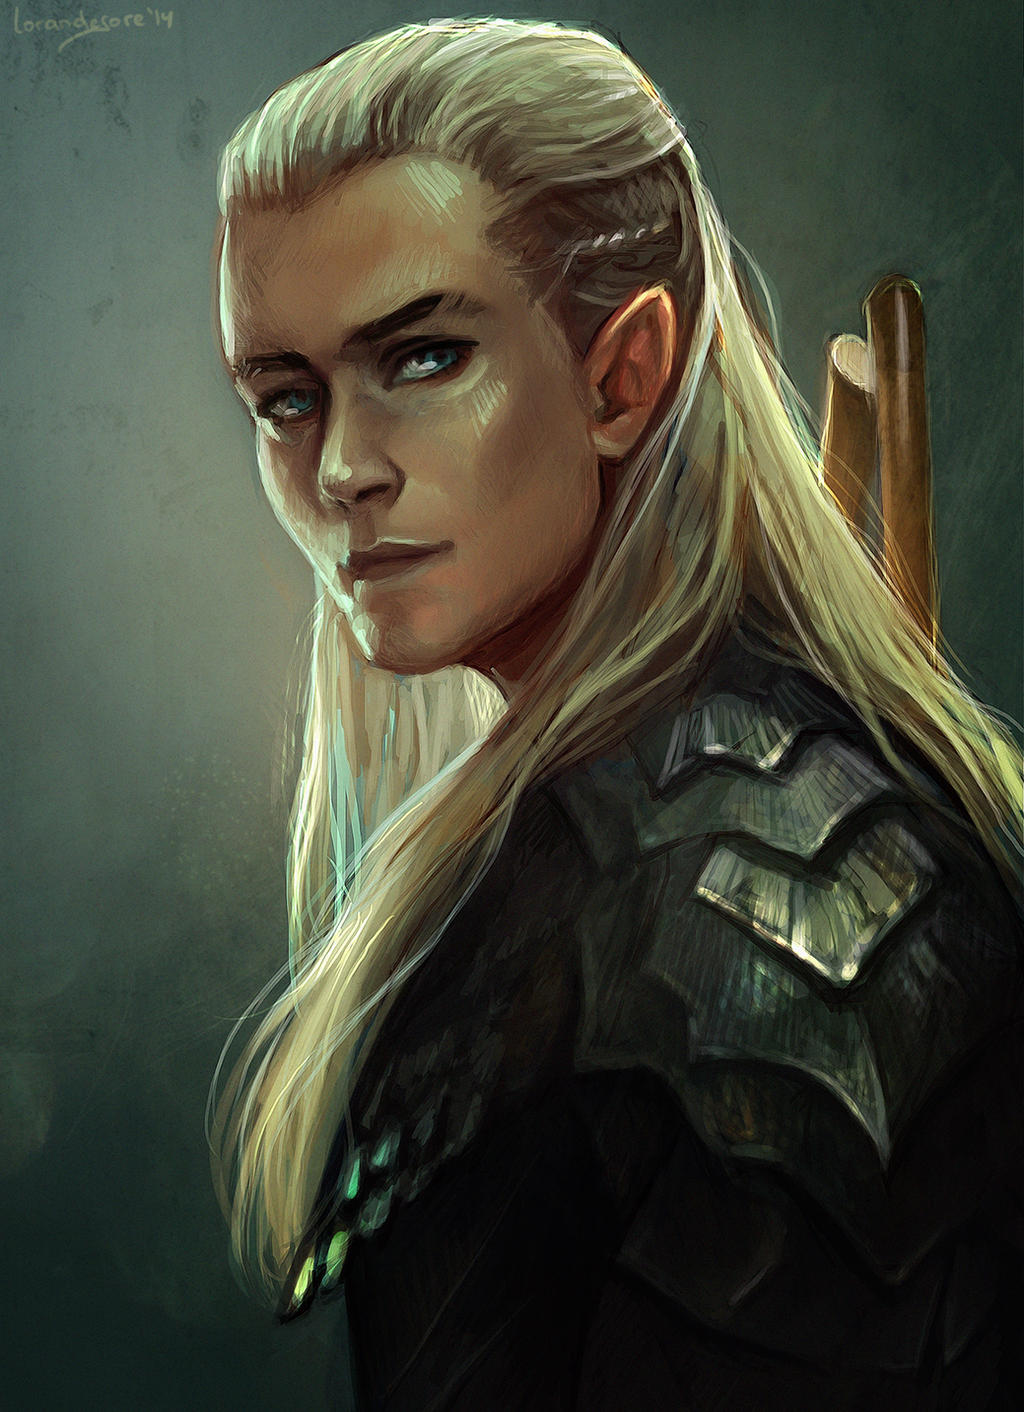 Legolas by LoranDeSore on DeviantArt